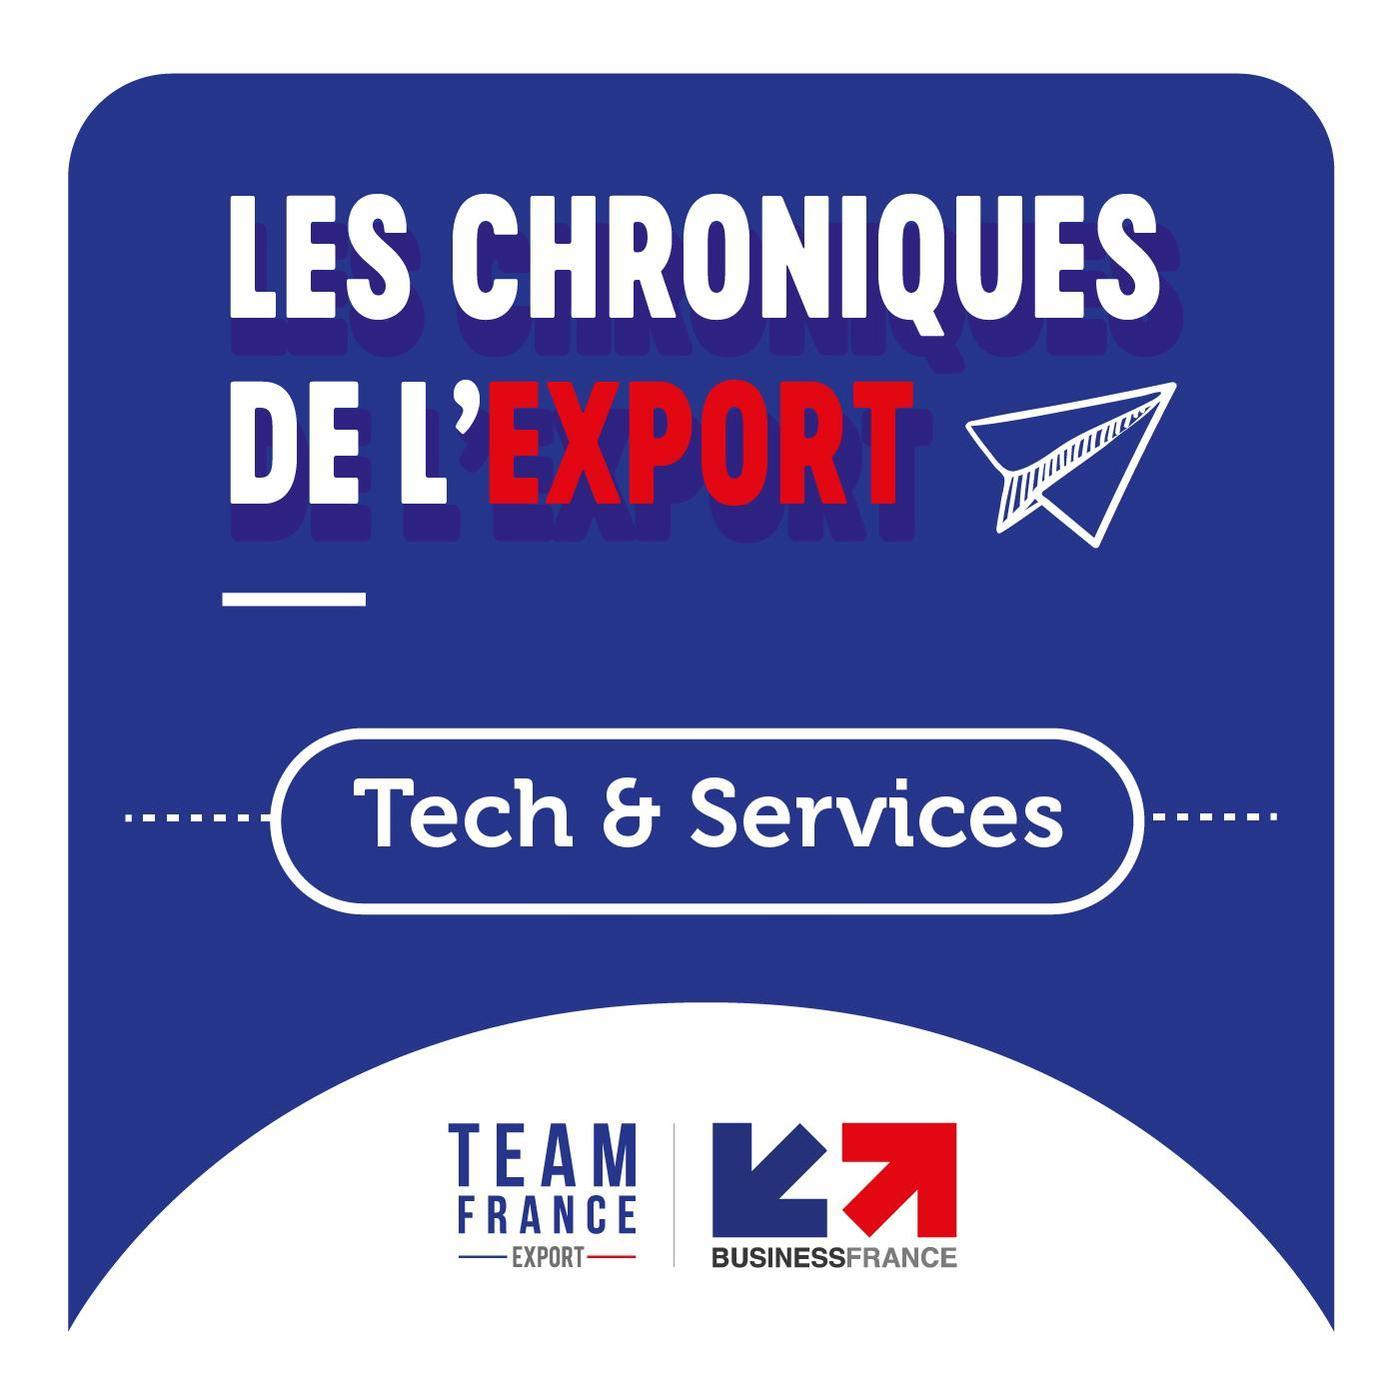 Les Chroniques de l'Export : Tech & Services